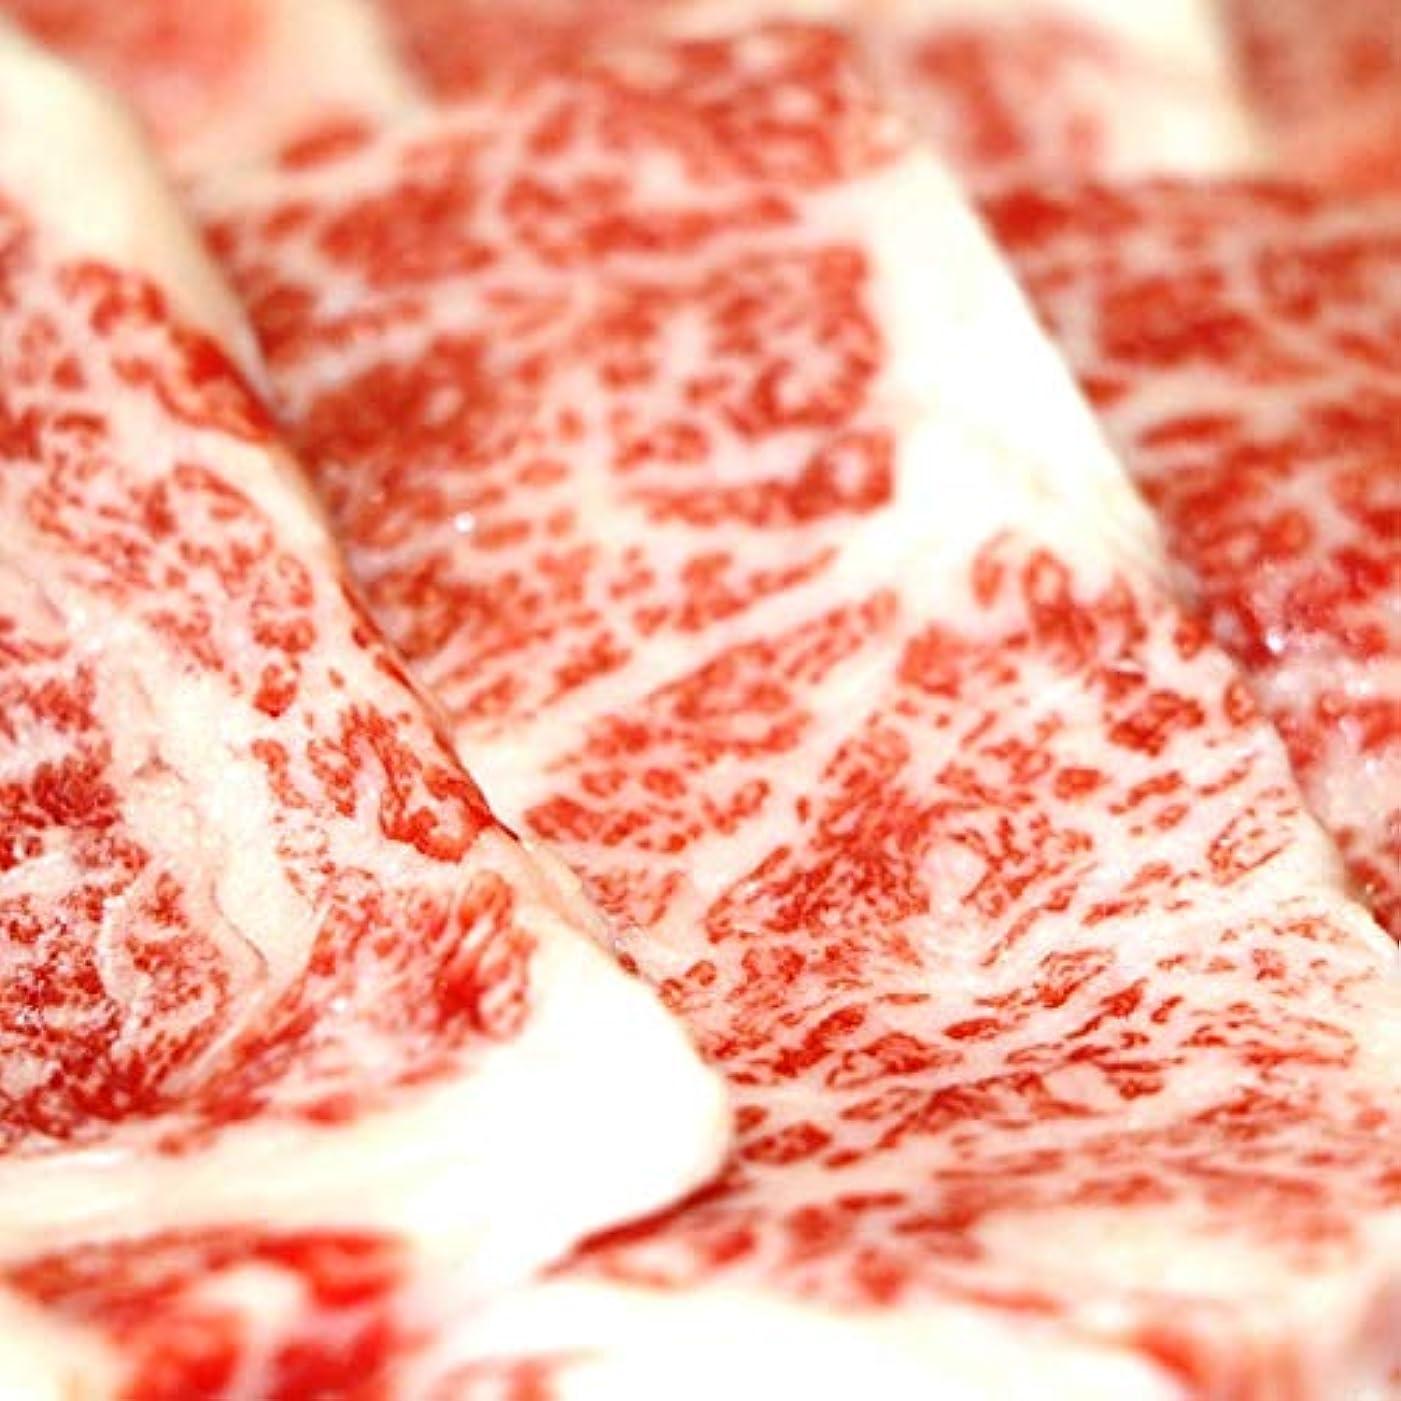 好意的ためらうフェデレーション【米沢牛卸 肉の上杉】 米沢牛バラ カルビ 500g ギフト用桐箱仕様